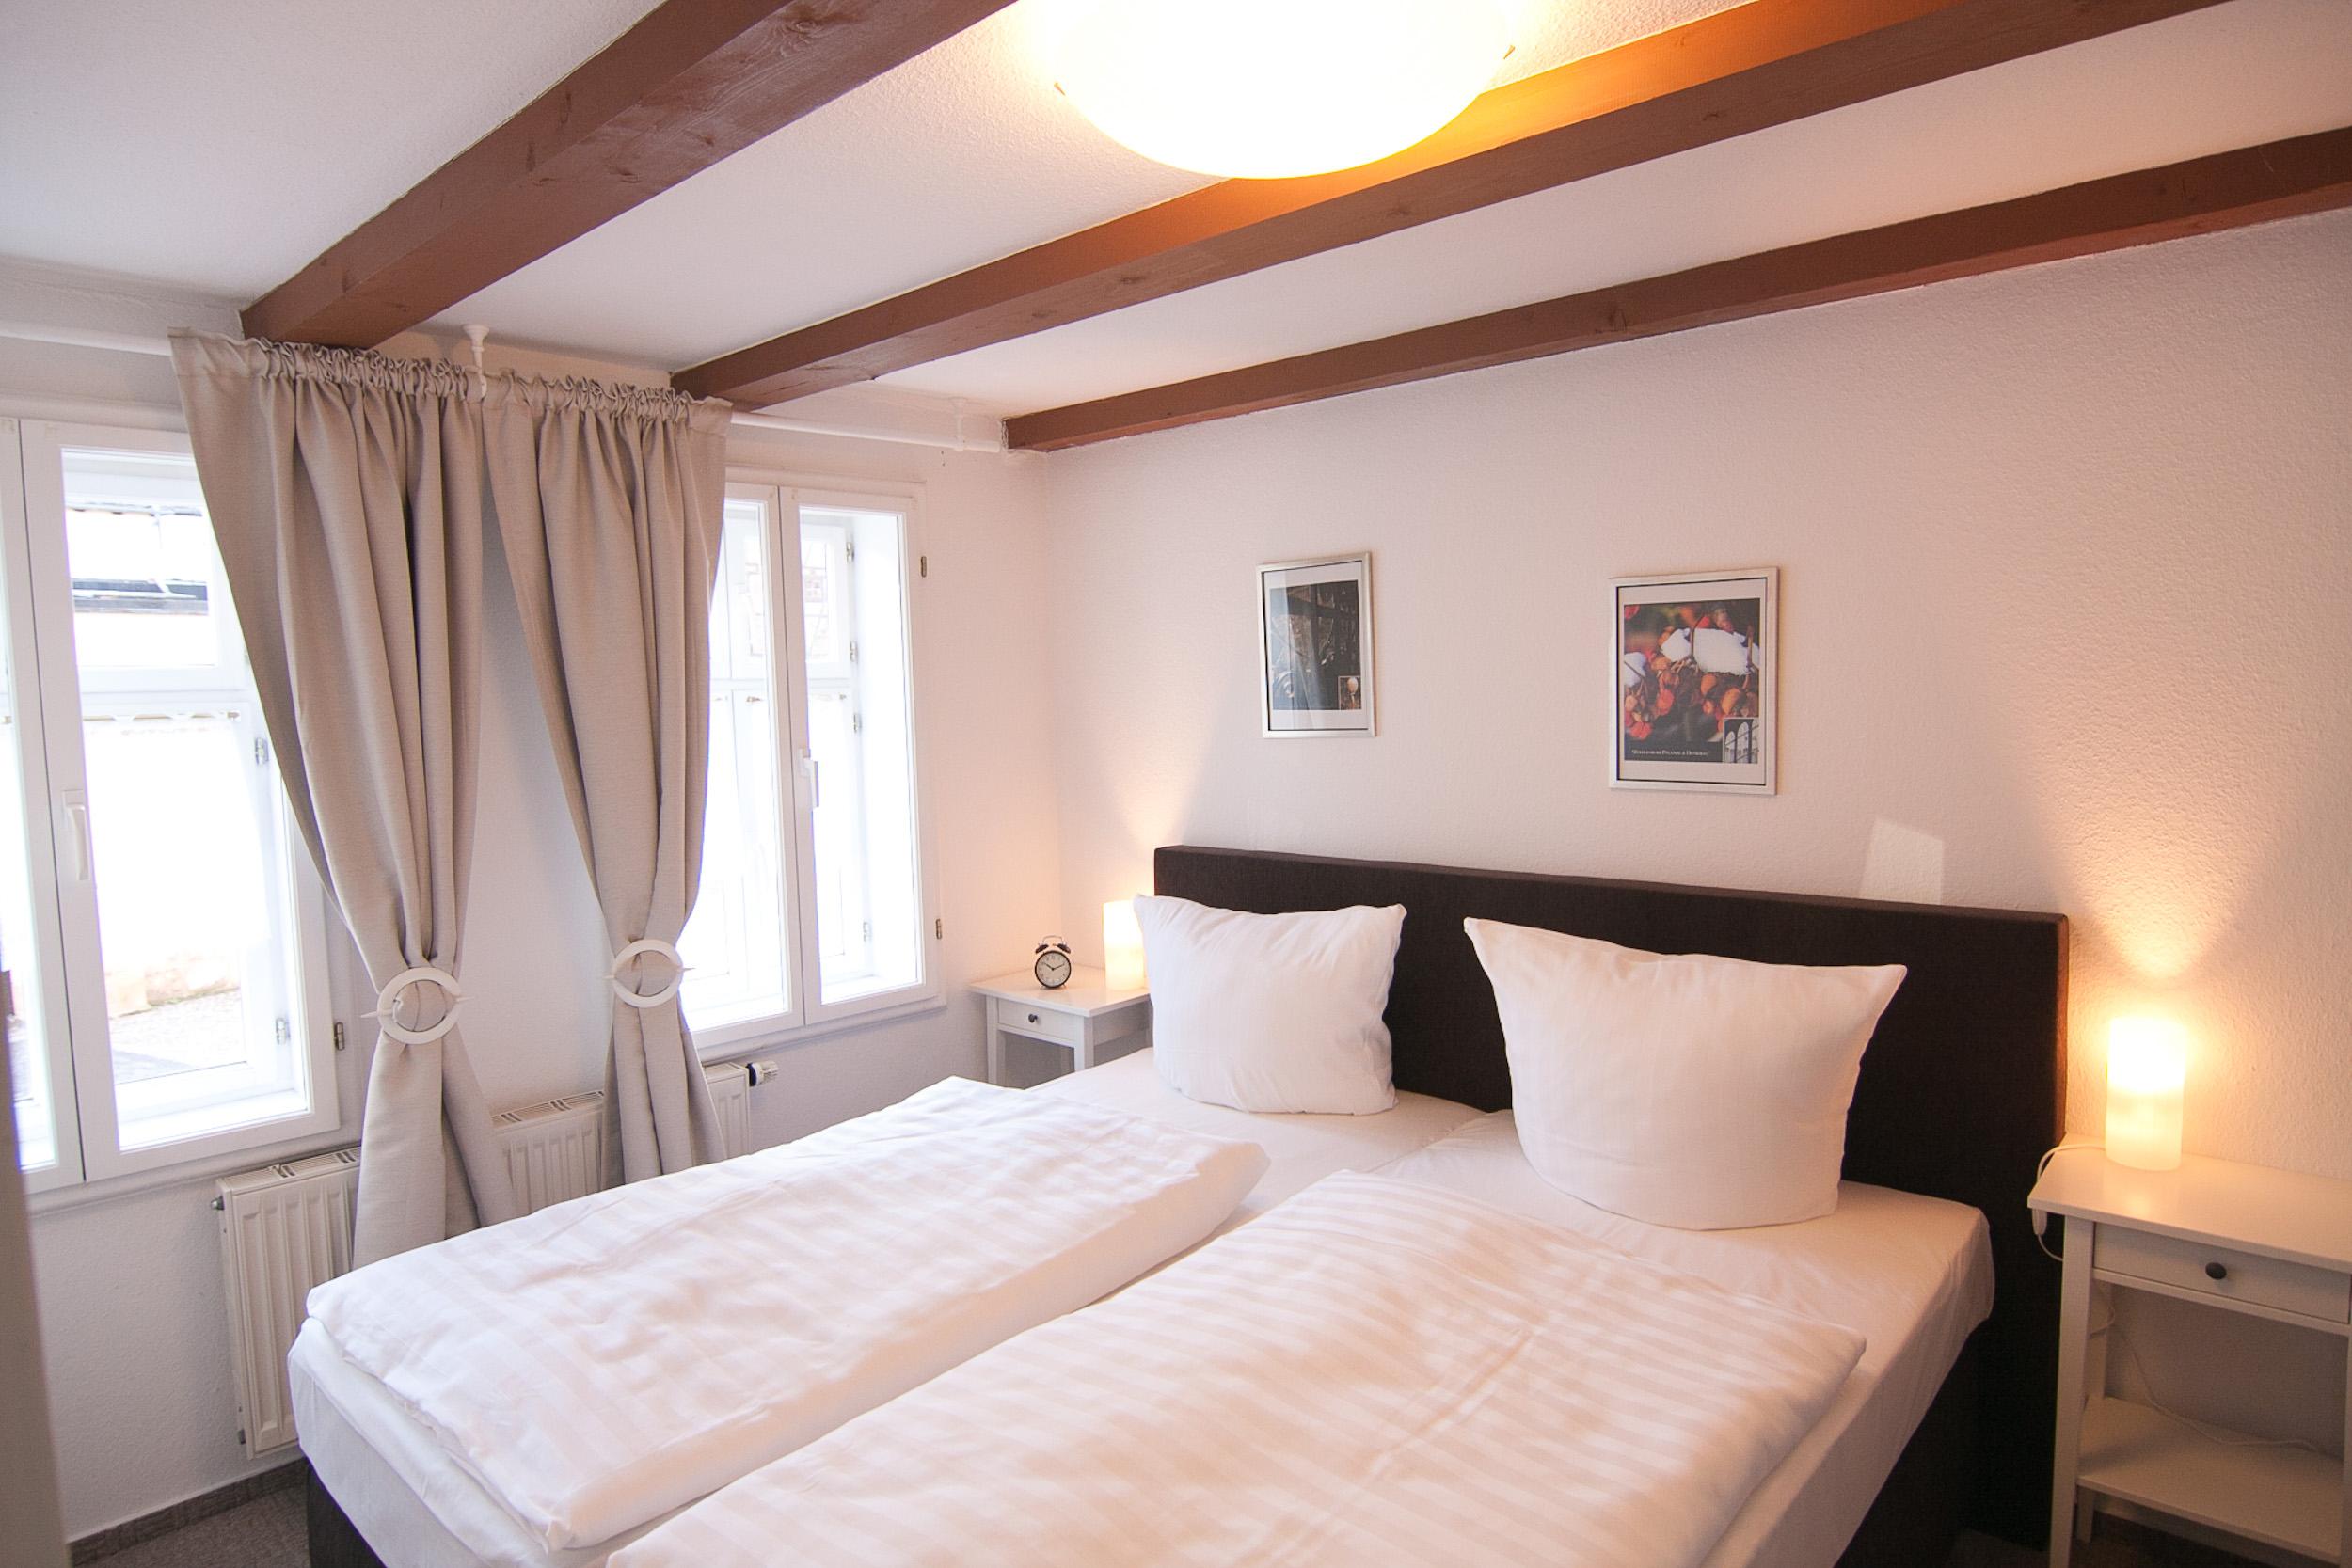 Schlafzimmer mit Boxspringbett 180cm x200cm